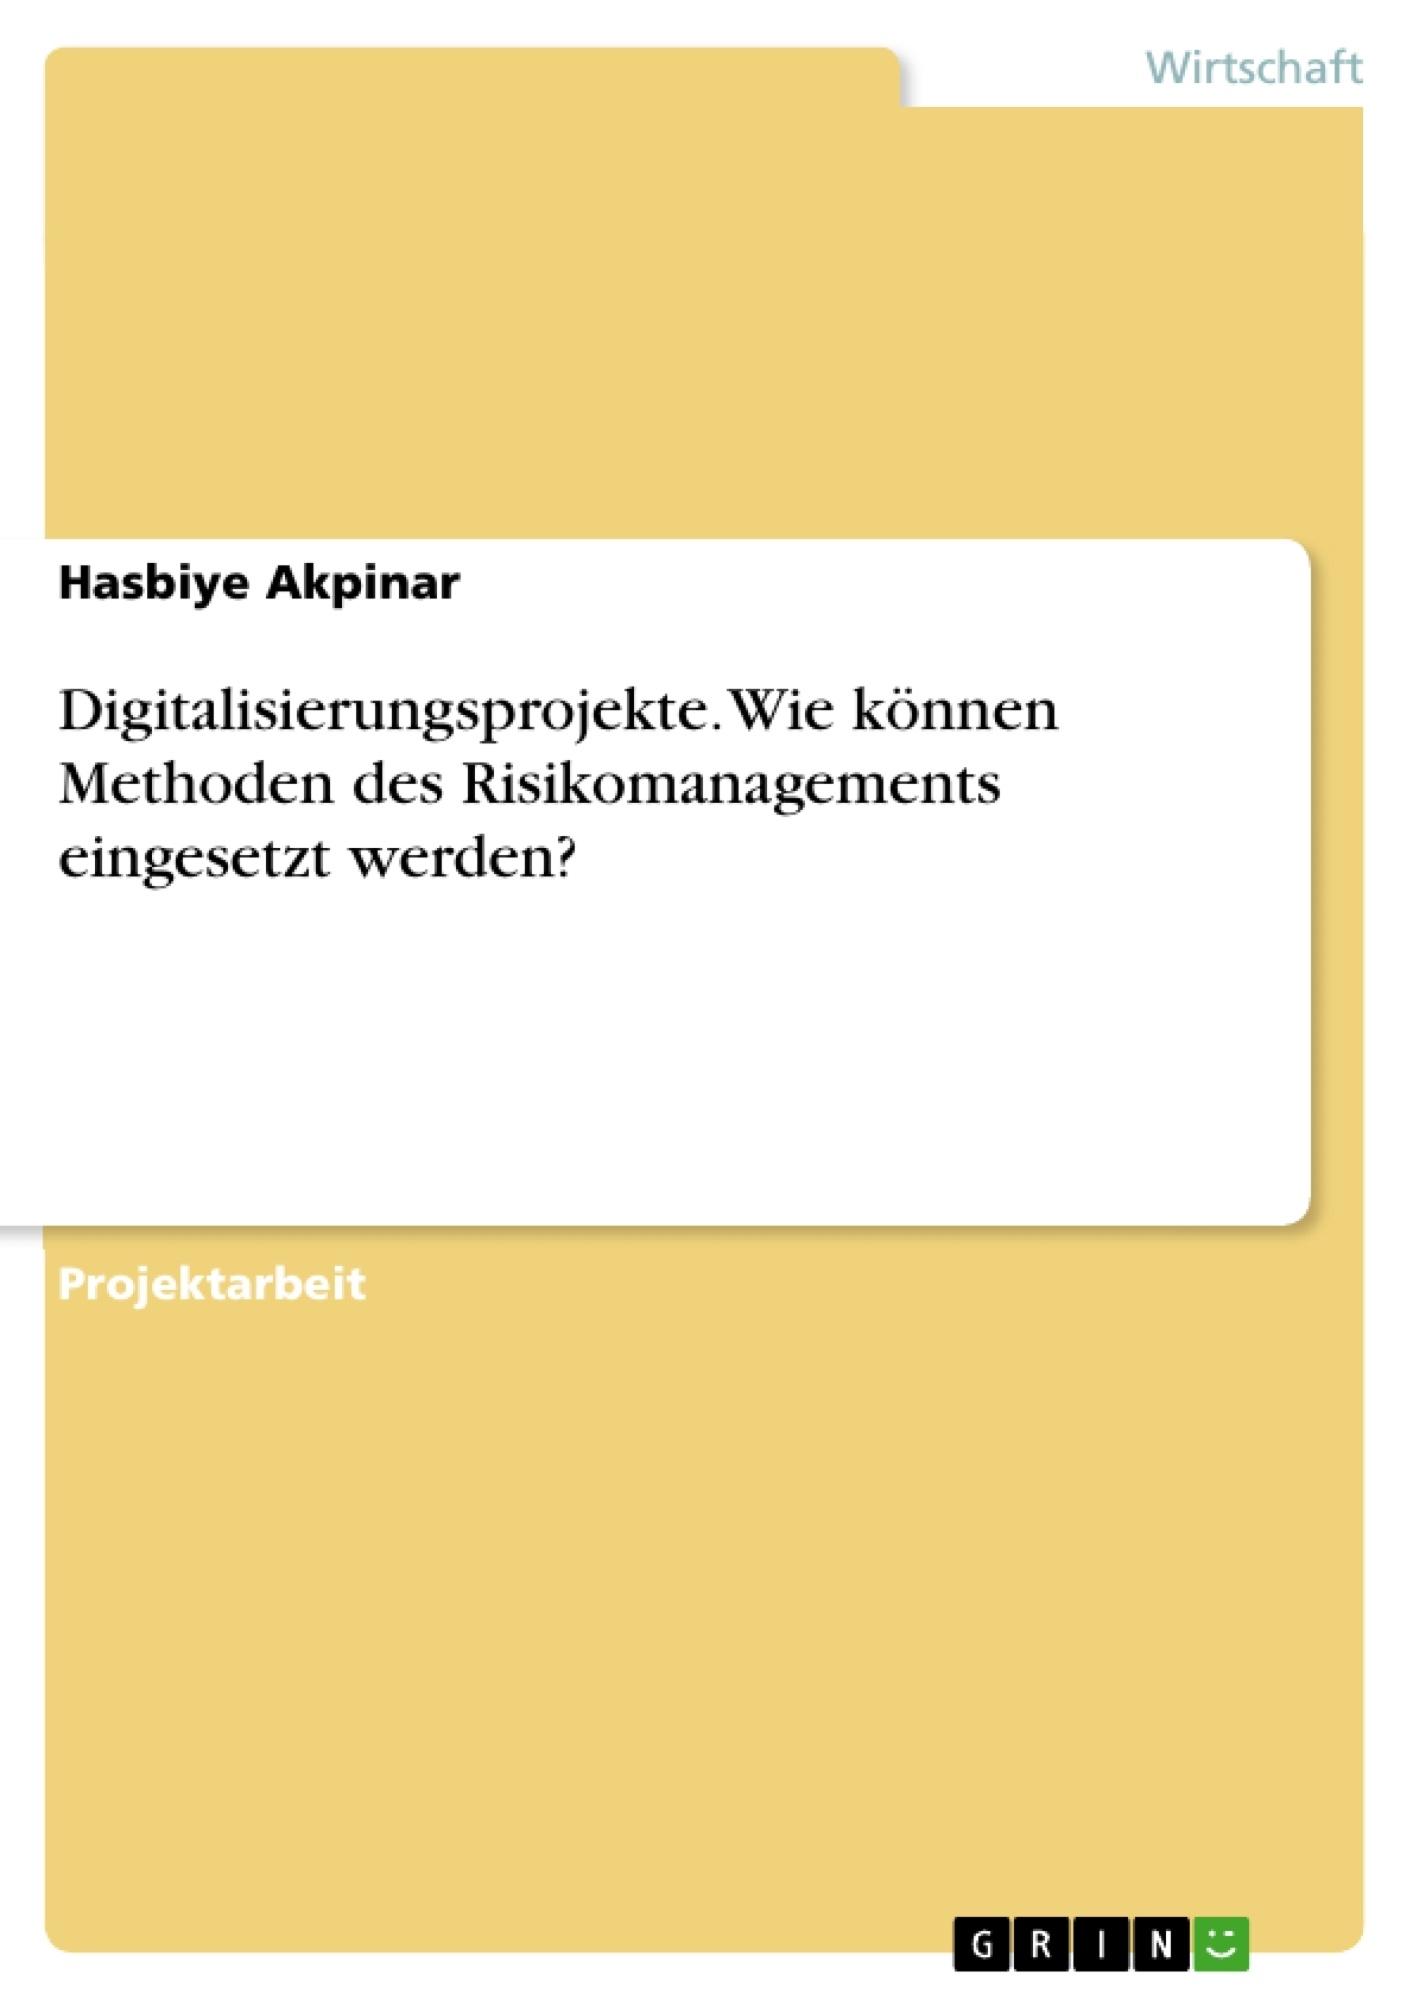 Titel: Digitalisierungsprojekte. Wie können Methoden des Risikomanagements eingesetzt werden?